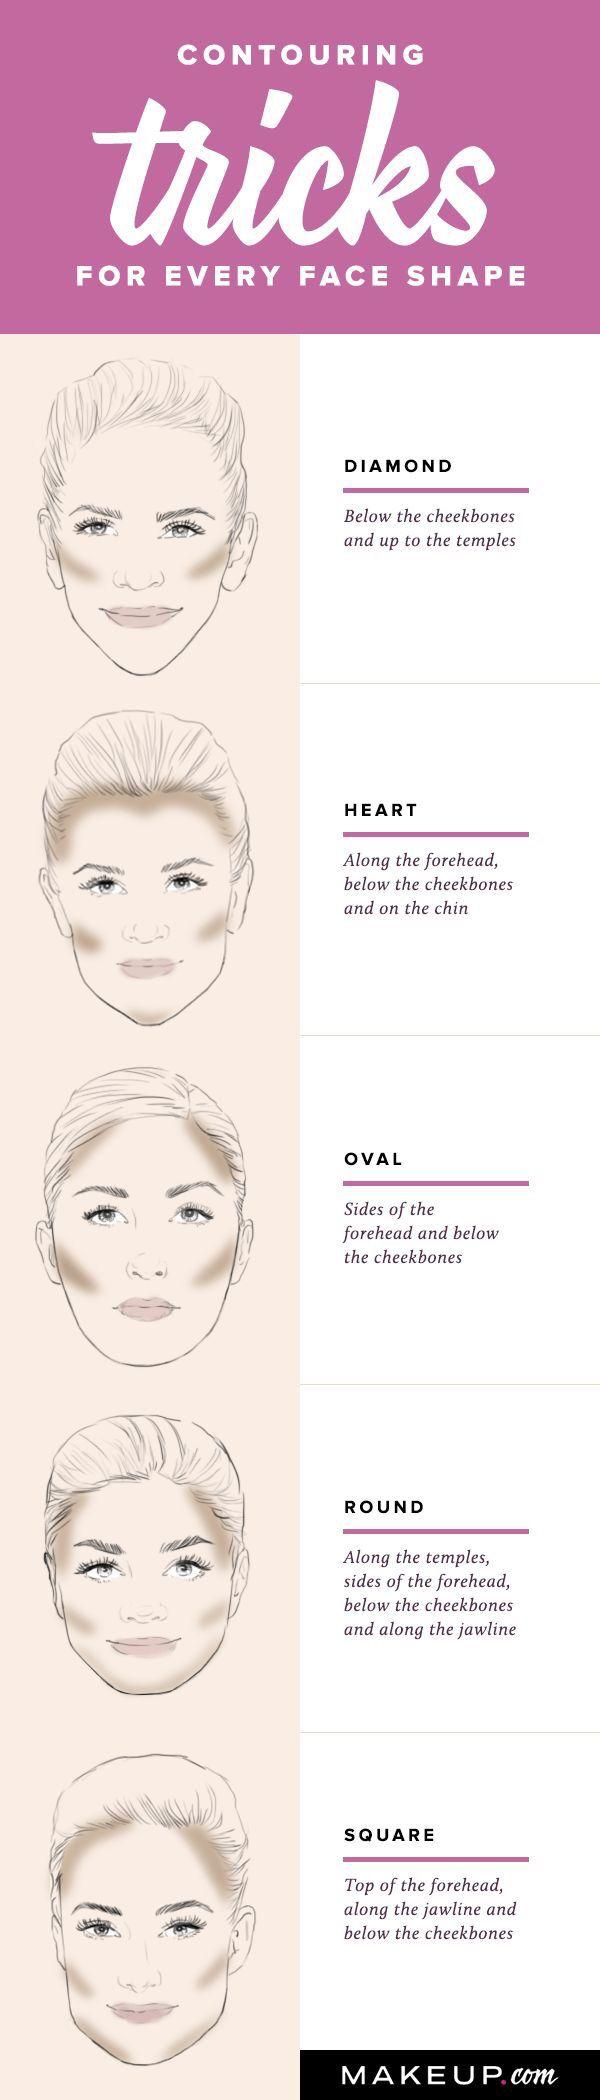 Ecco come realizzare il face contouring in base alla forma del viso. Se vi interessa approfondire l'argomento leggete questo articolo:  http://m.vanityfair.it/beauty/make-up/16/02/03/tendenza-make-up-contouring-viso-e-occhi